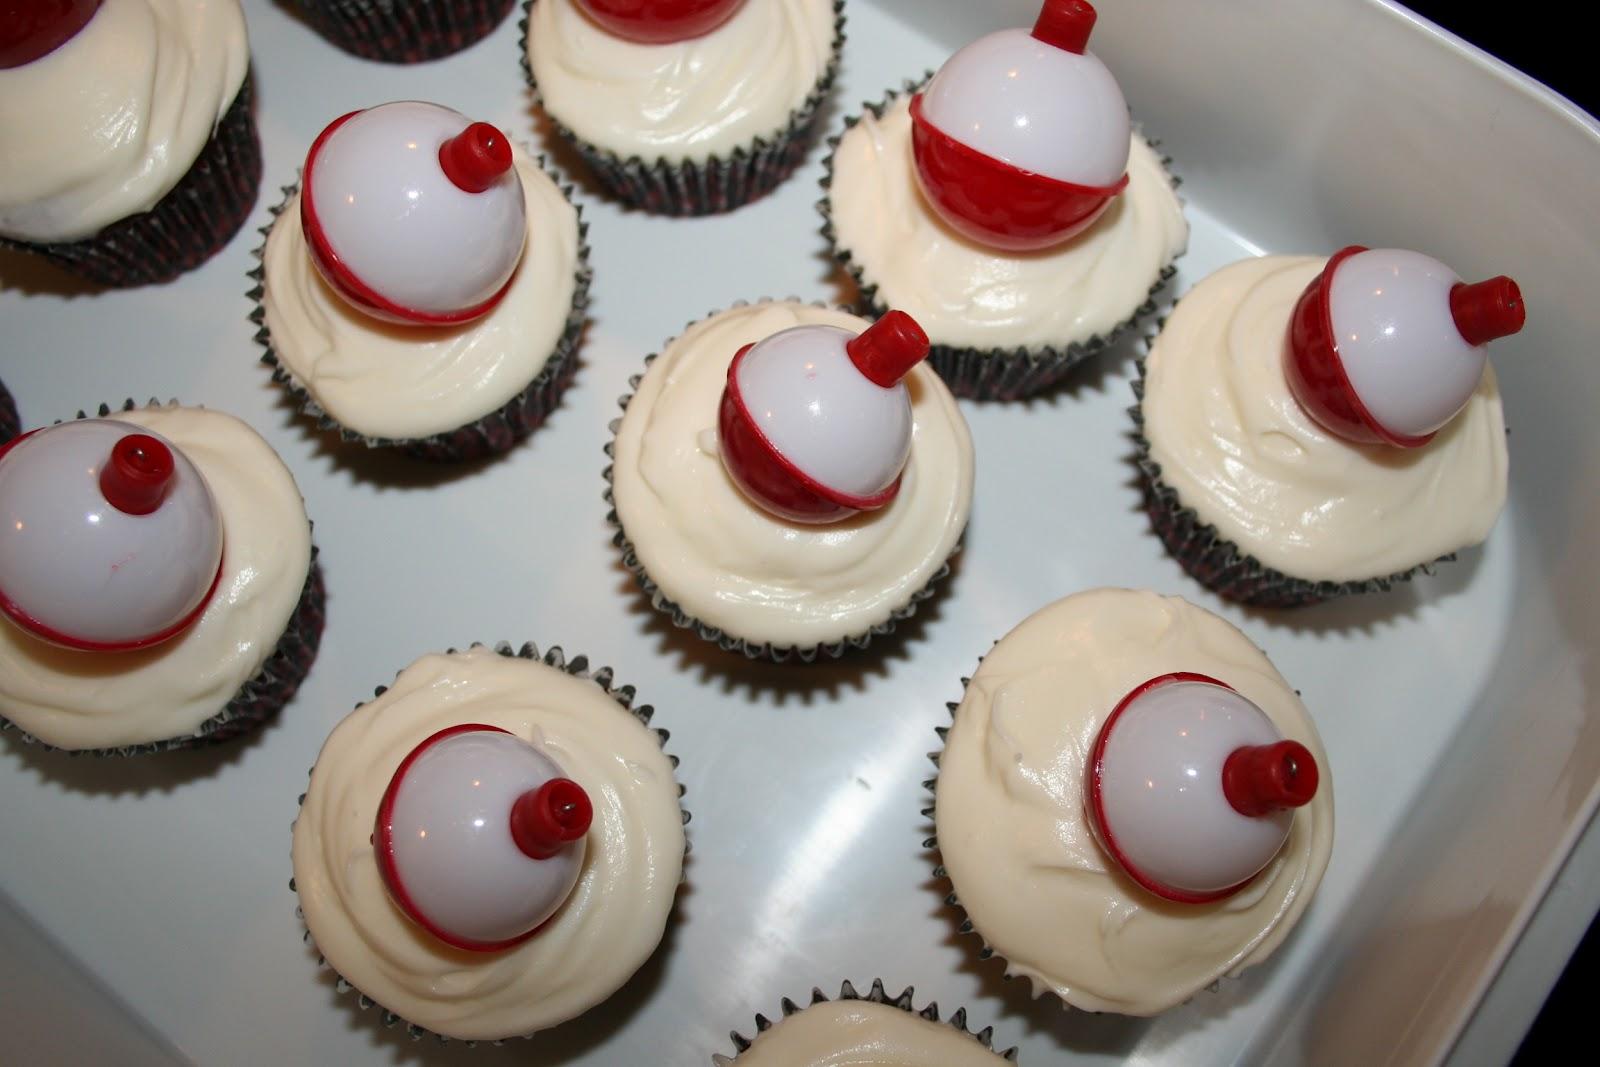 Red Velvet Cake Tuscaloosa Al